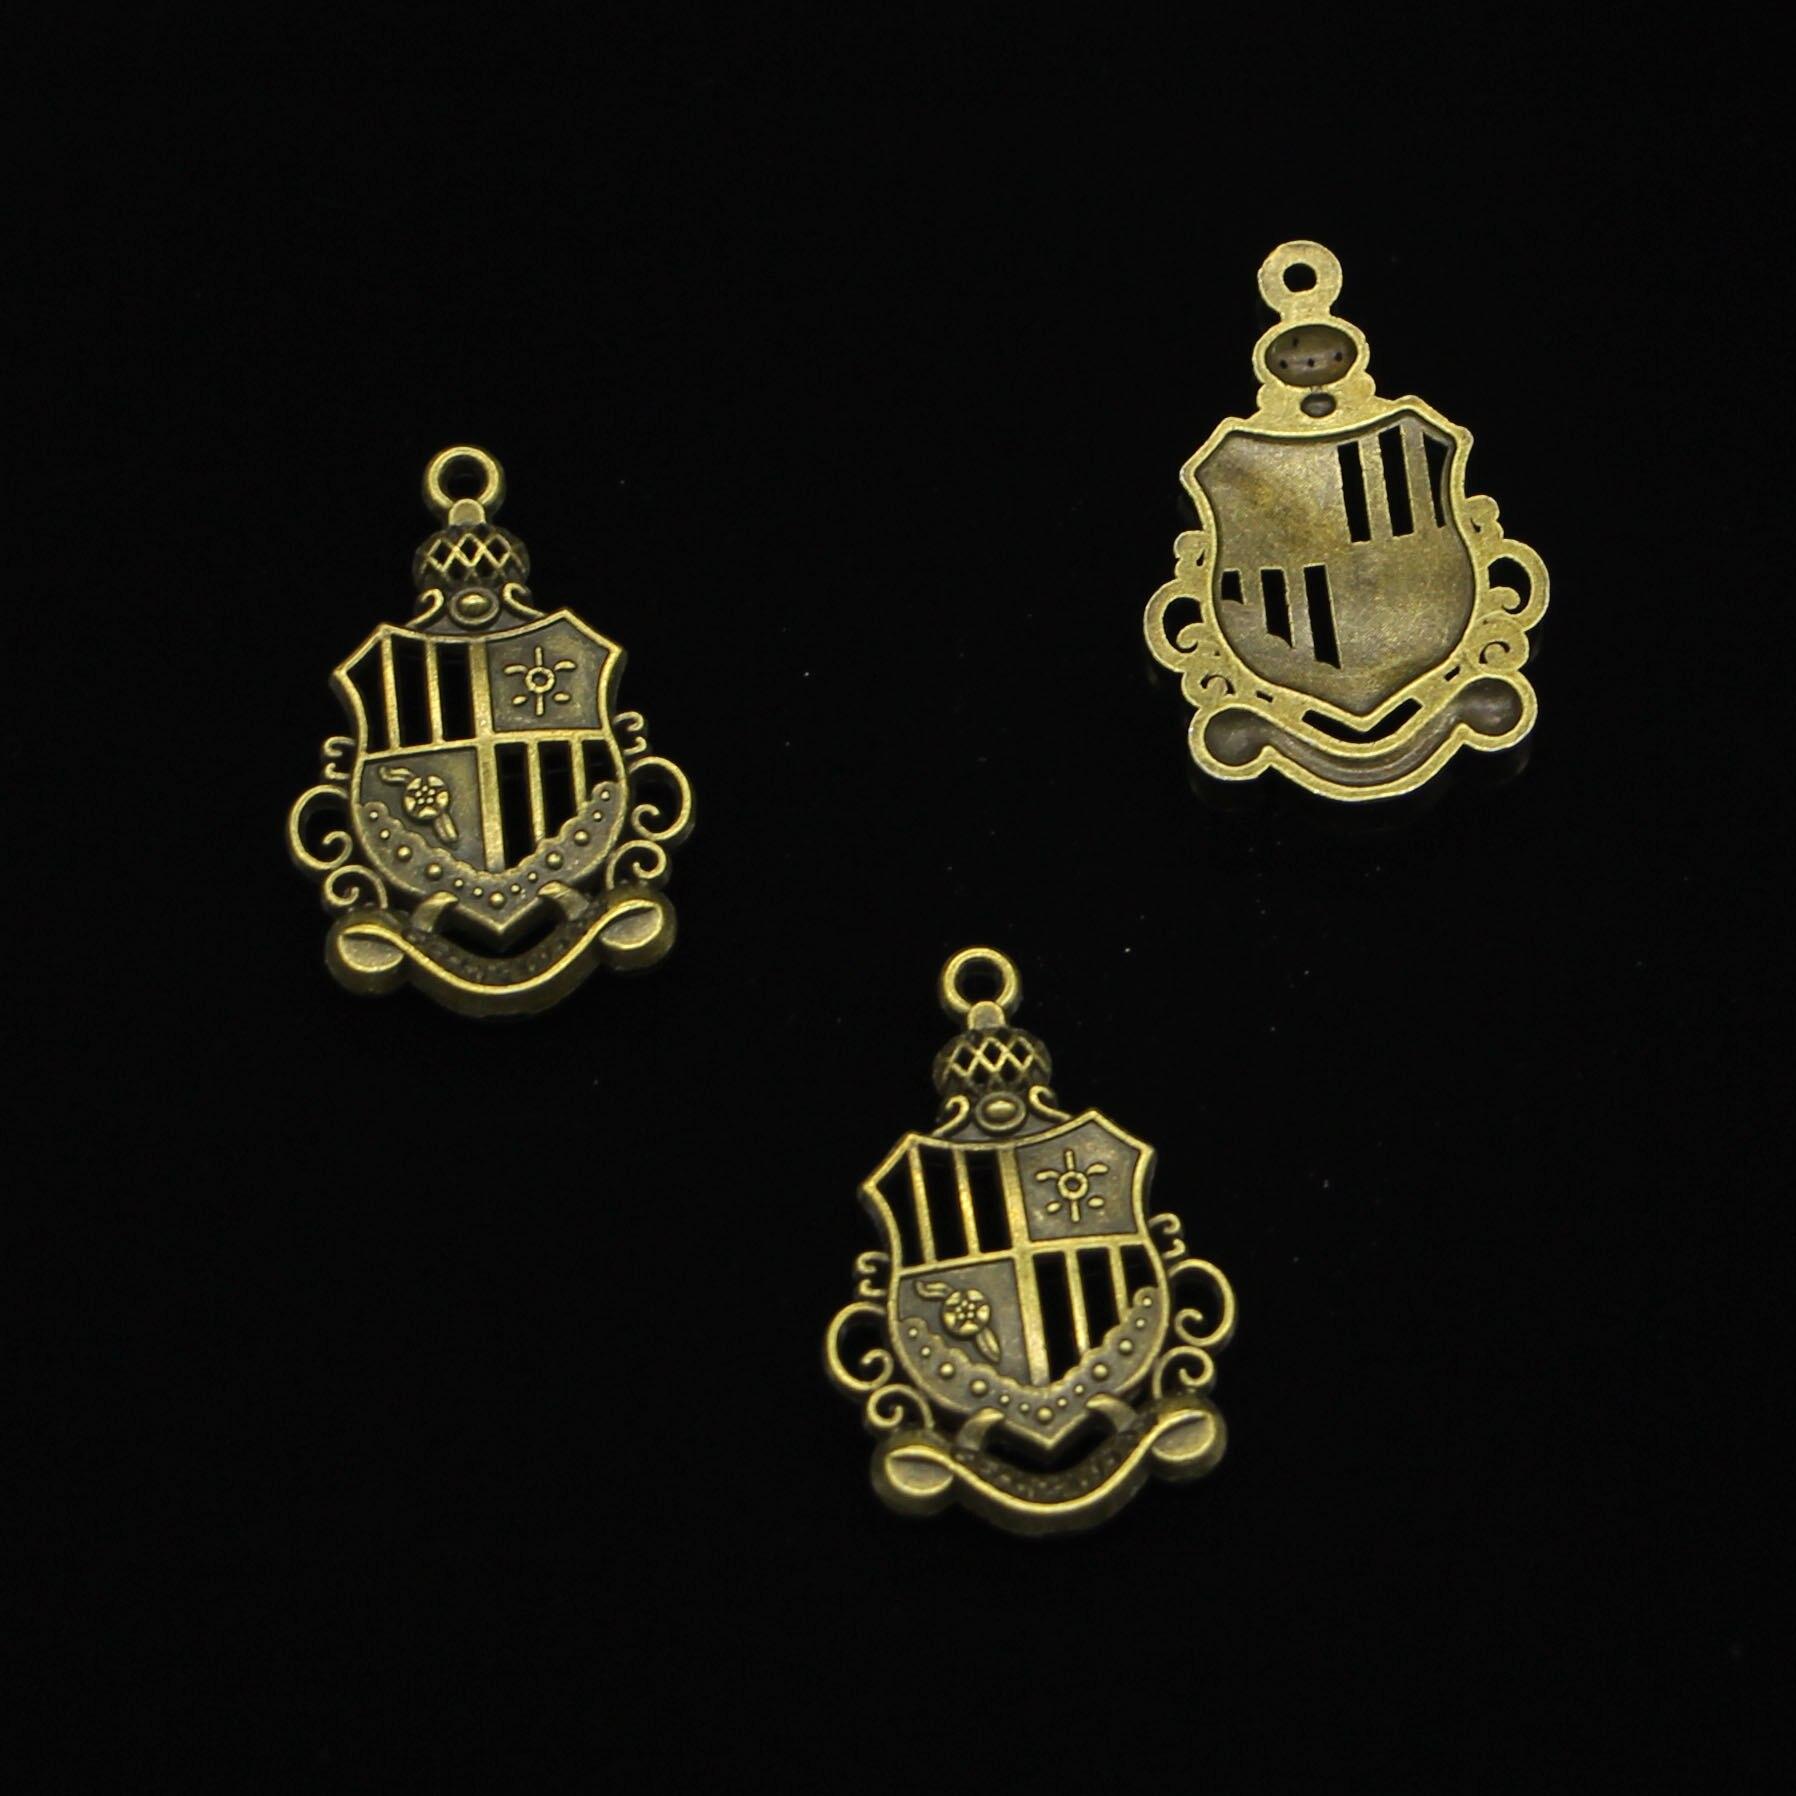 71 pçs bronze antigo chapeado império medalha de honra encantos pingente para diy colar pulseira jóias fazendo diy artesanal 28*19mm